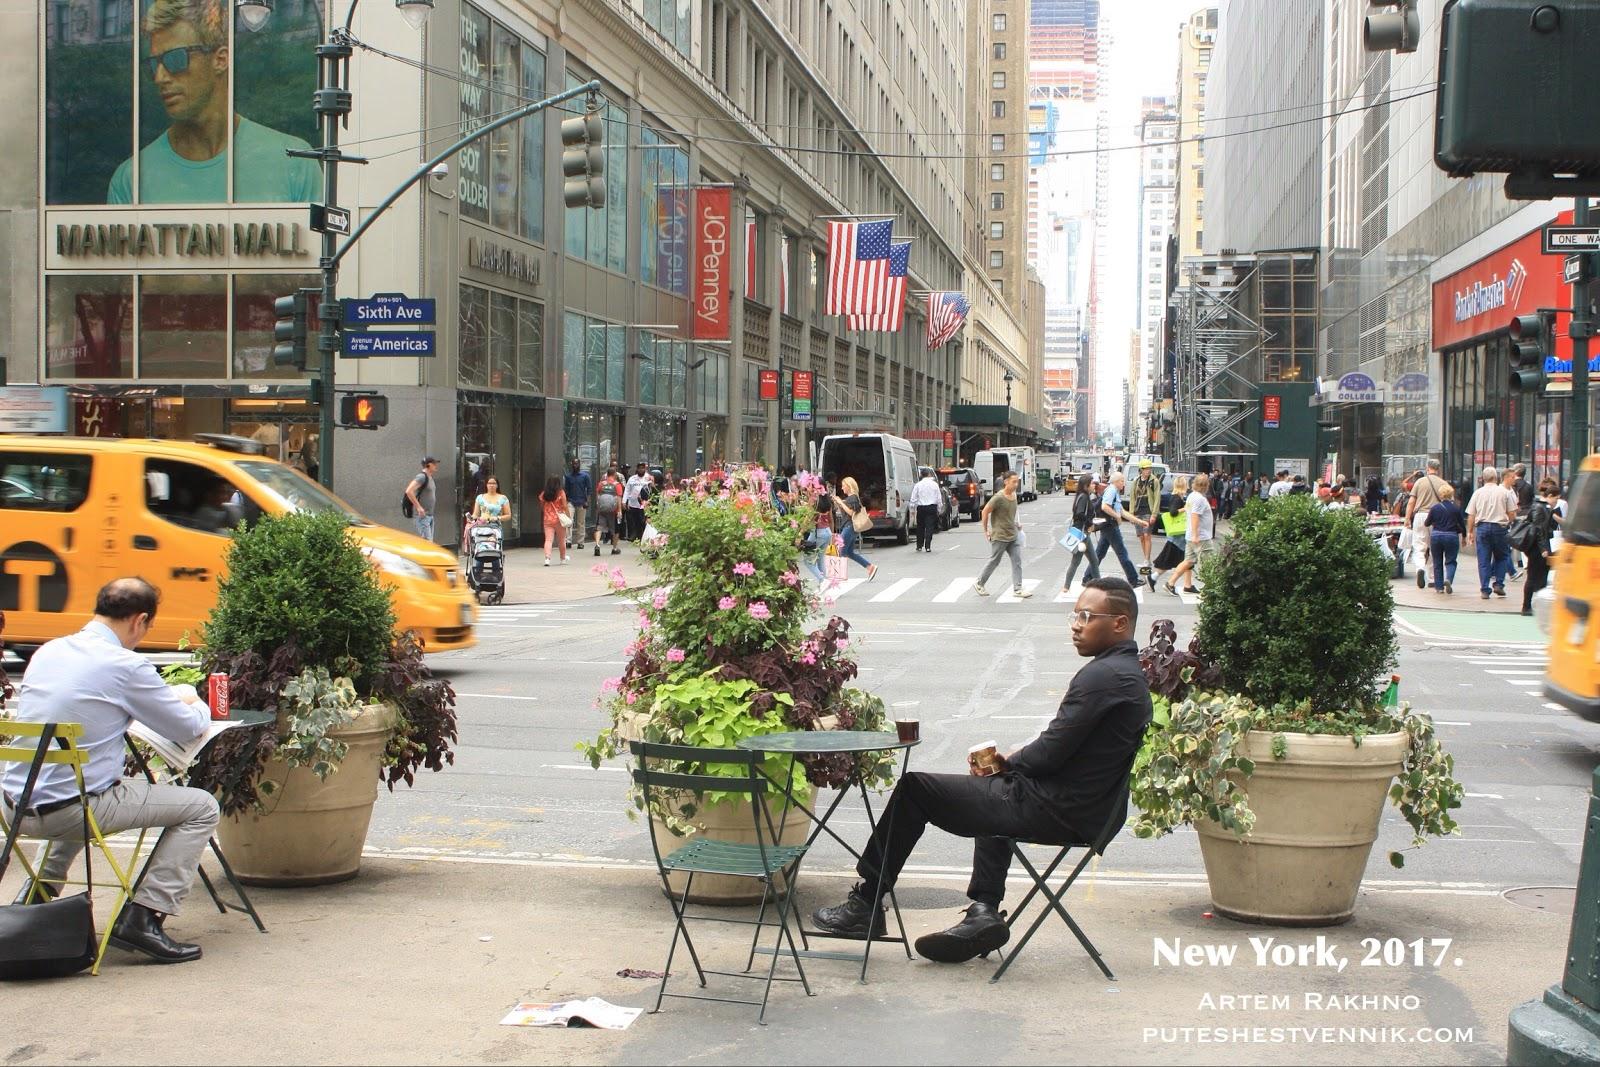 Кафе на улице в Нью-Йорке